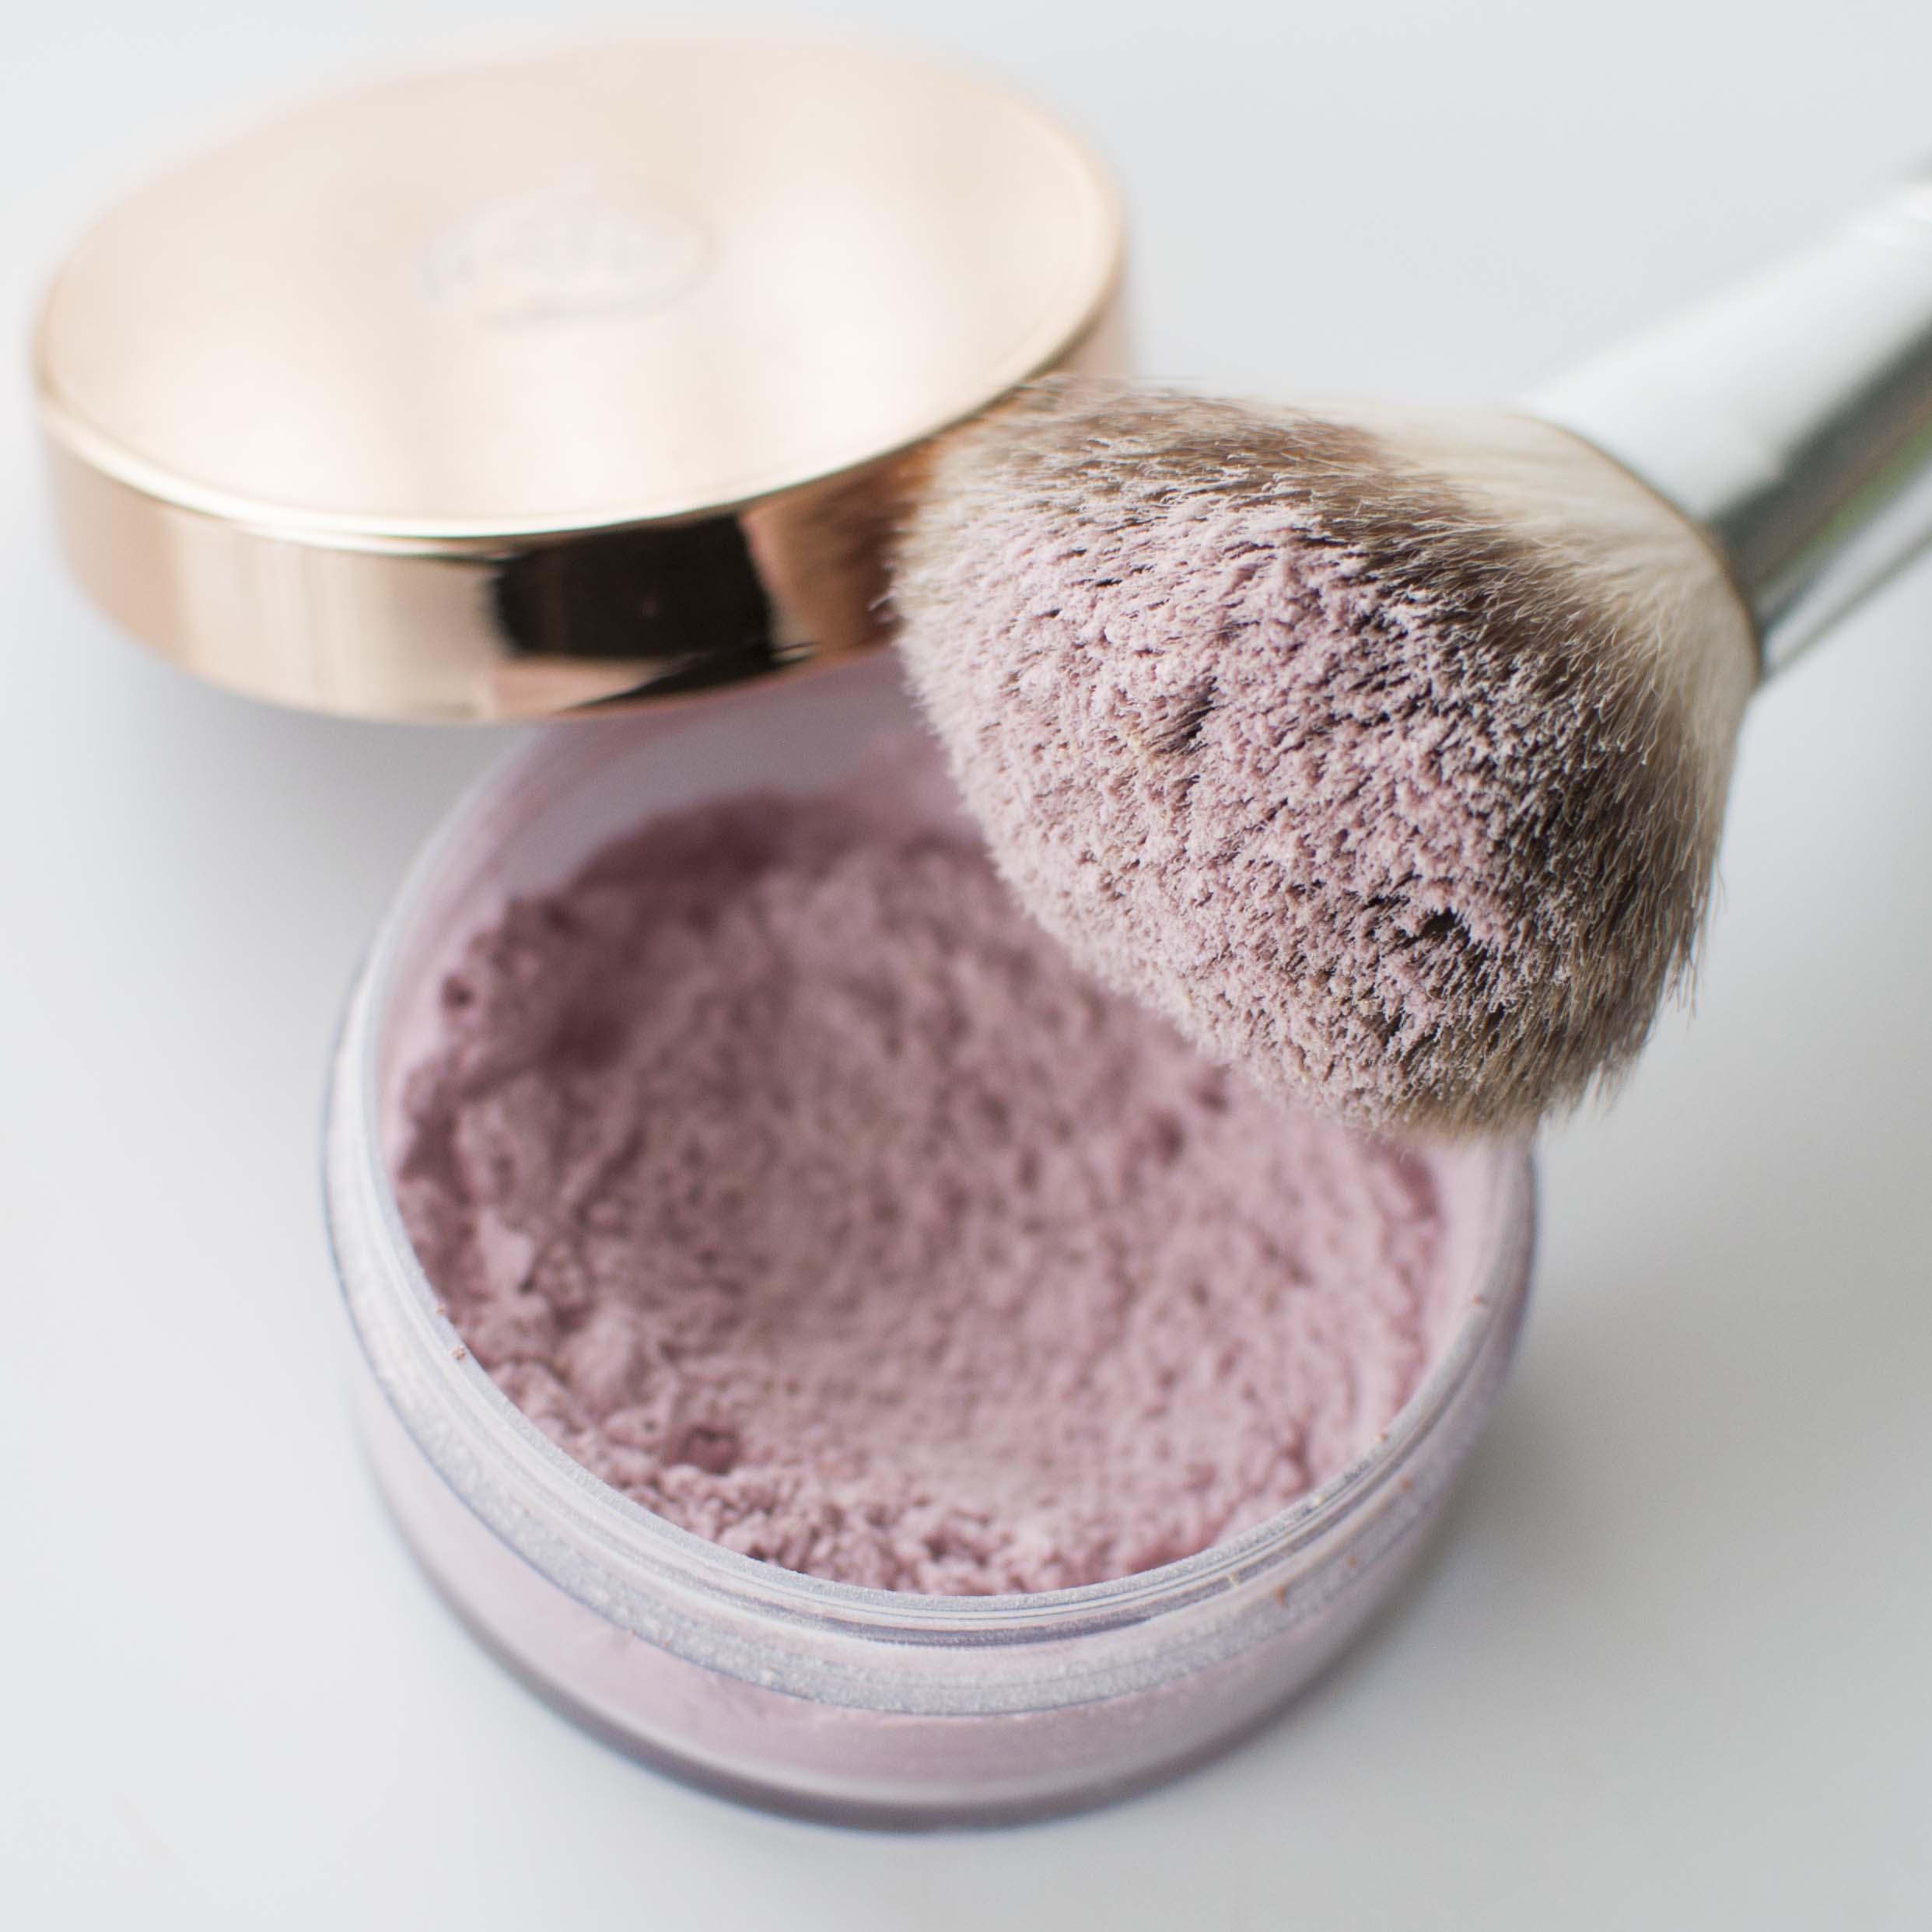 diy all natural powder blush